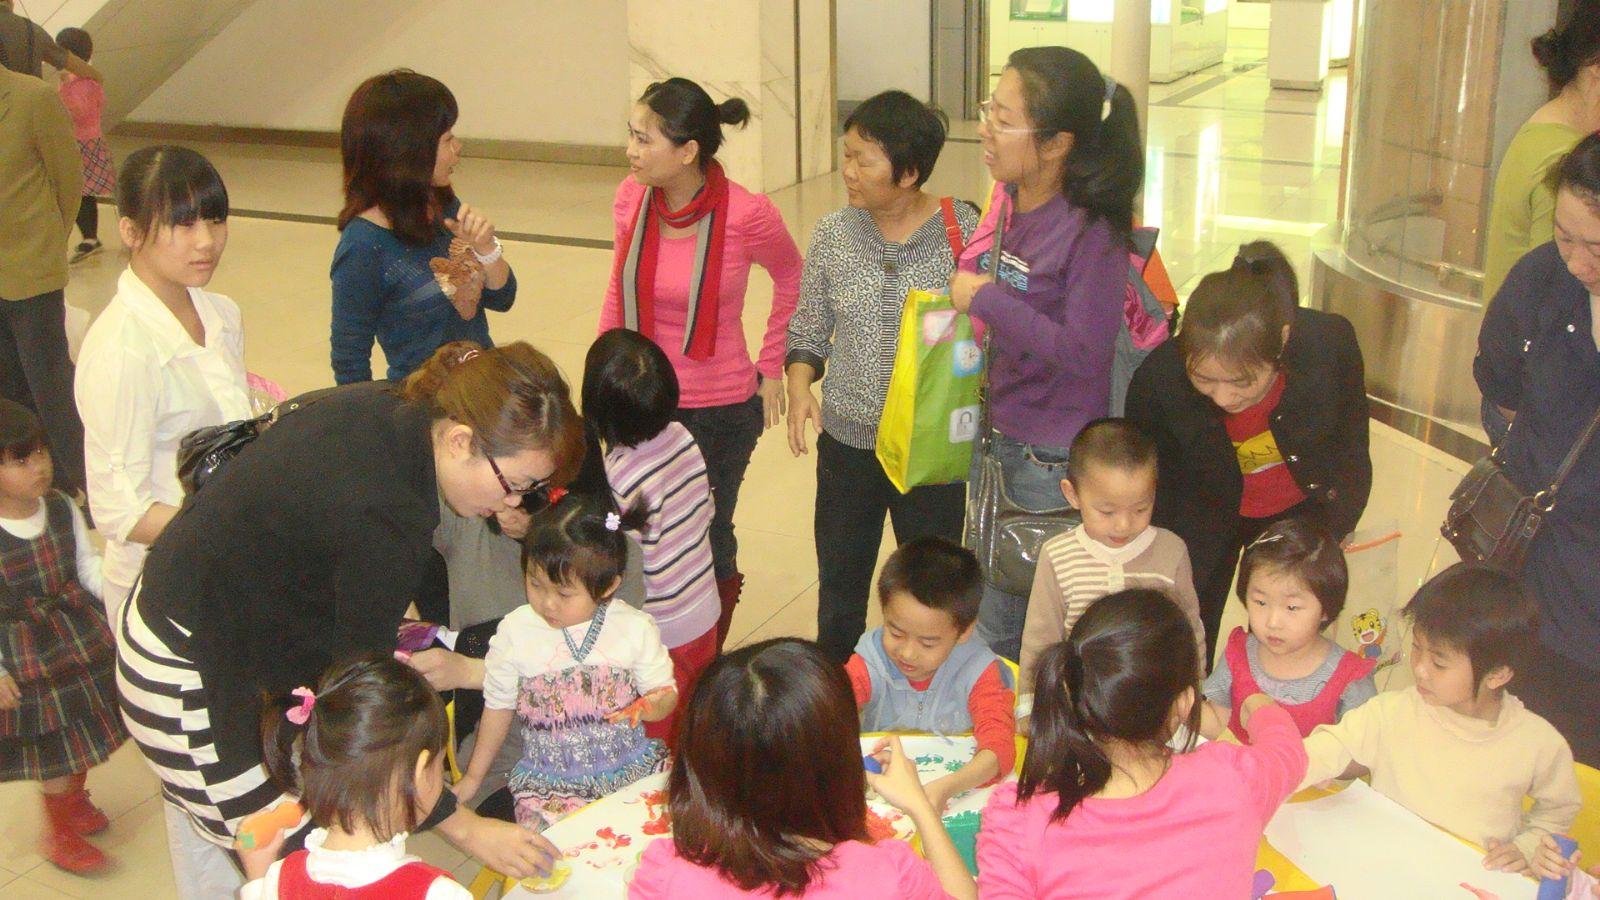 佳宝大地国际幼儿园于2011年2月27日在